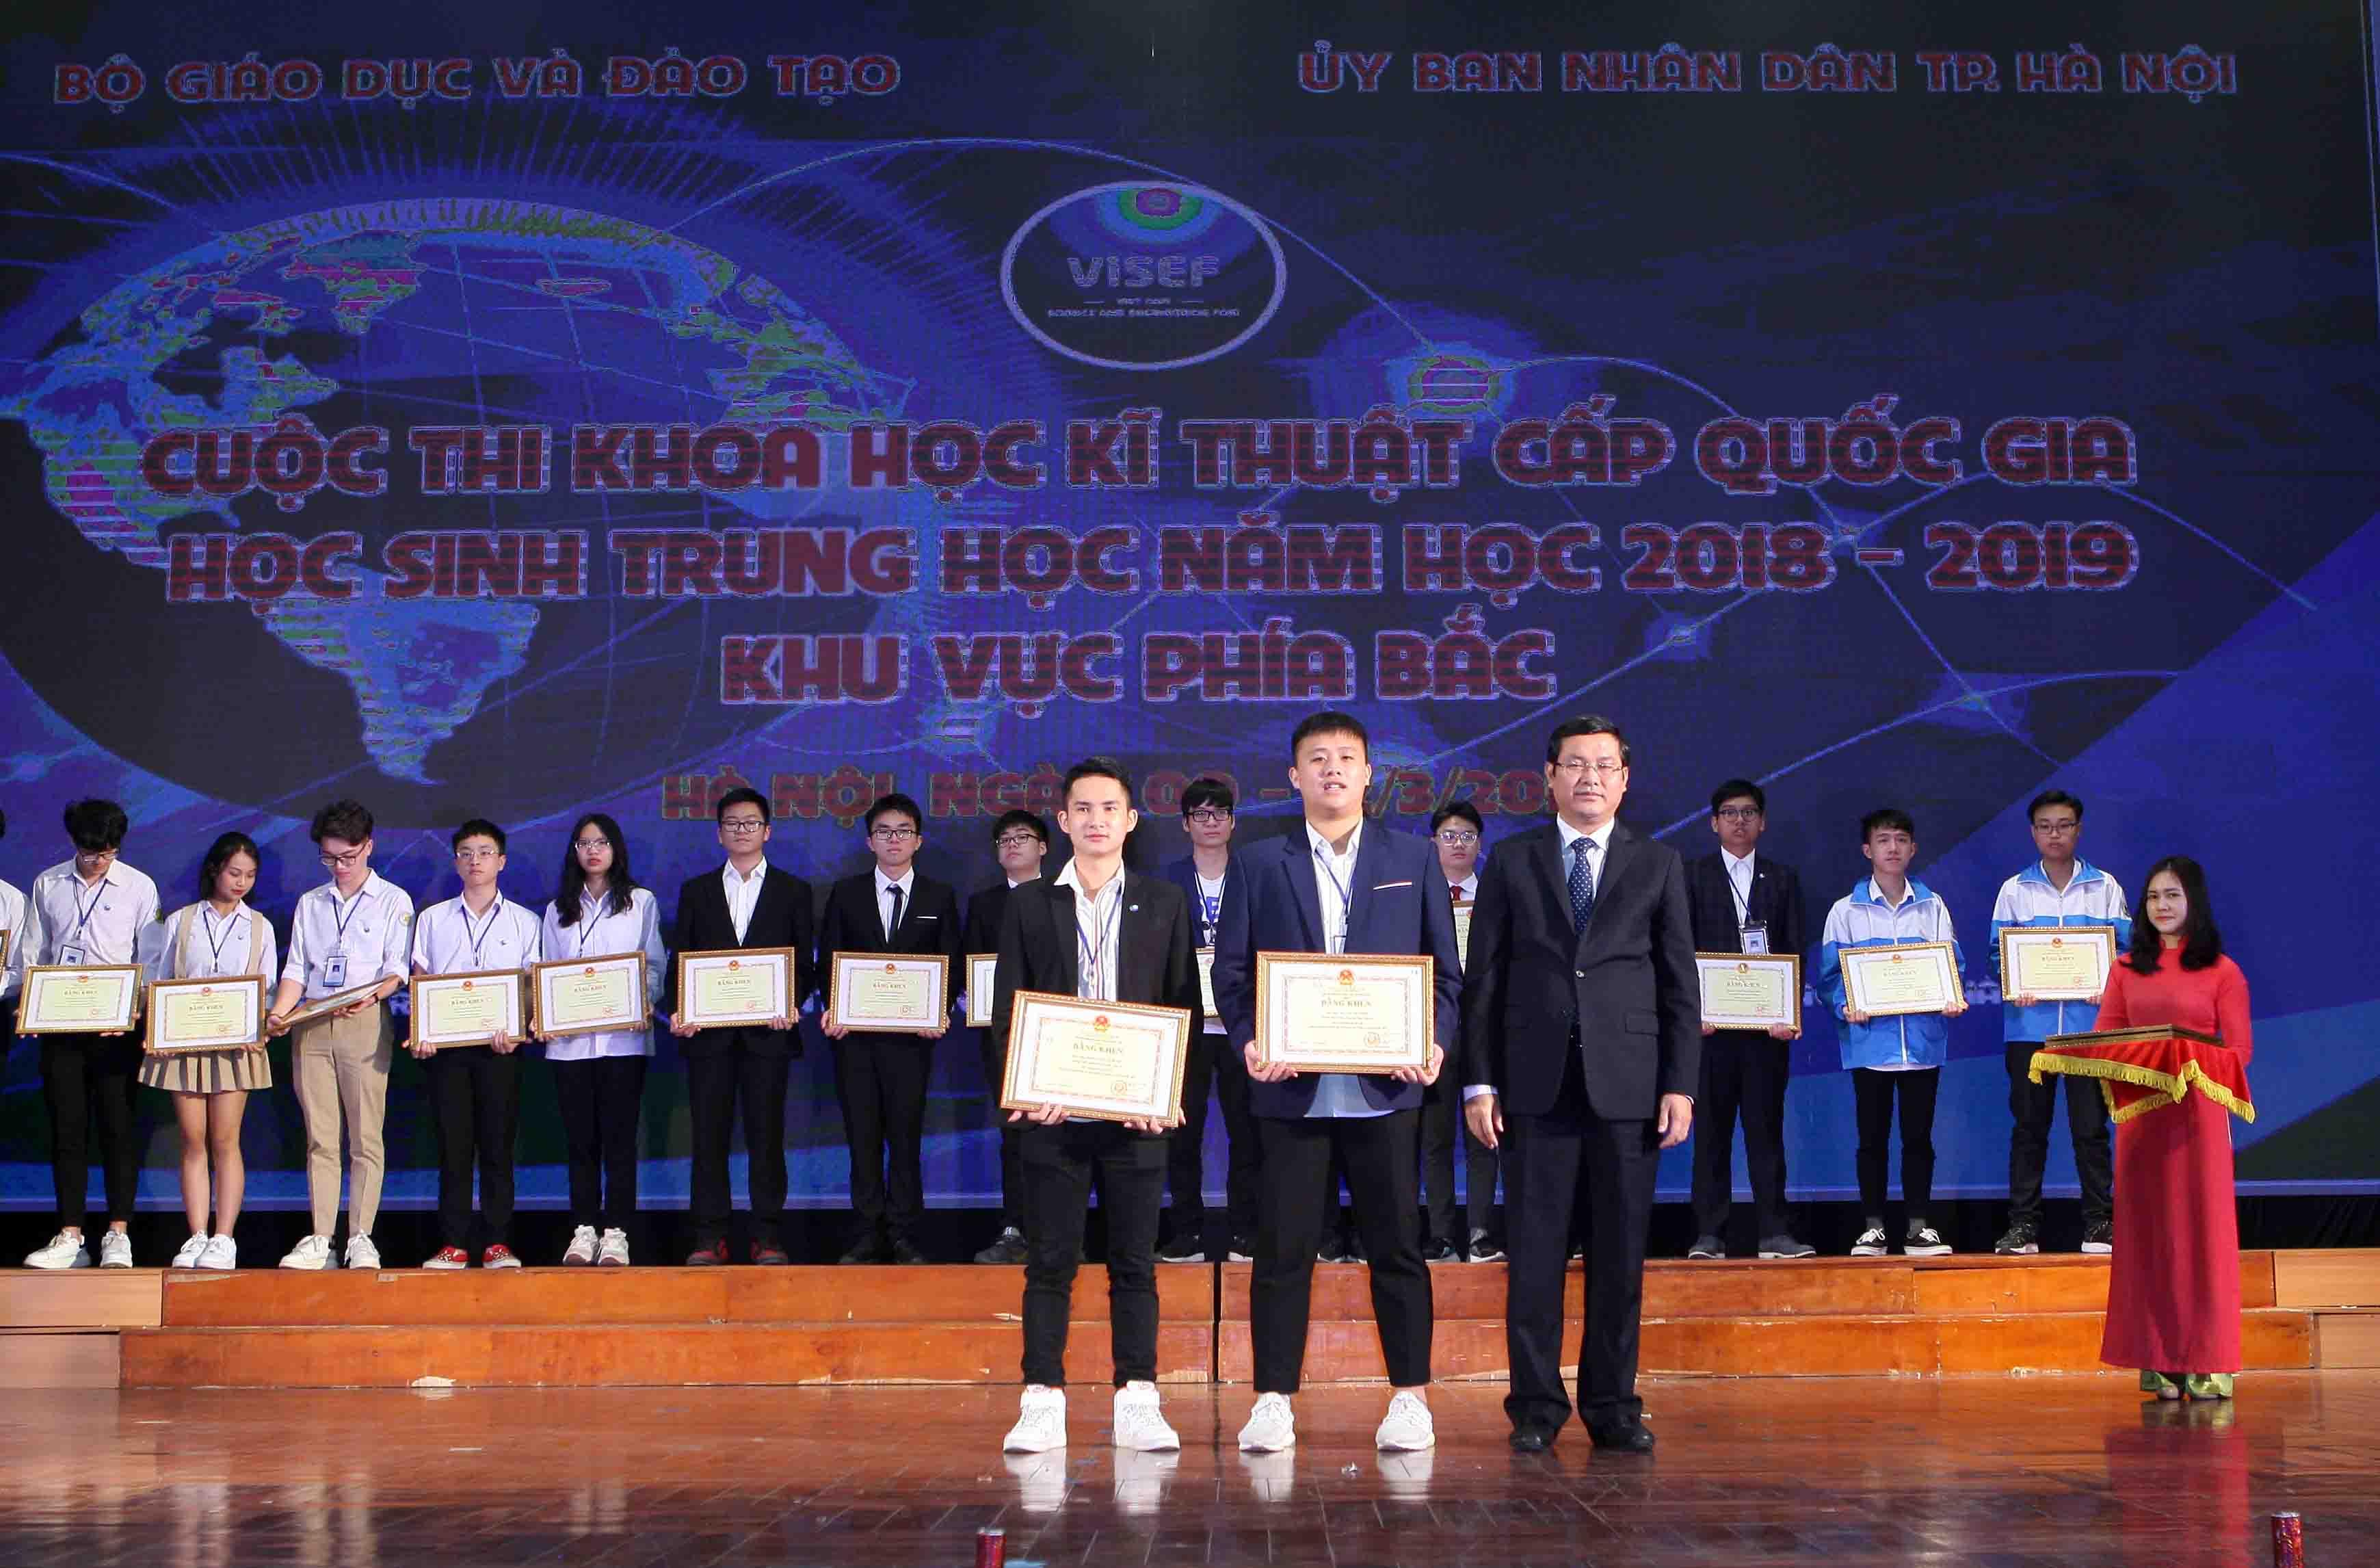 Trao giải Cuộc thi Khoa học Kỹ thuật cấp quốc gia dành cho học sinh trung học khu vực phía Bắc